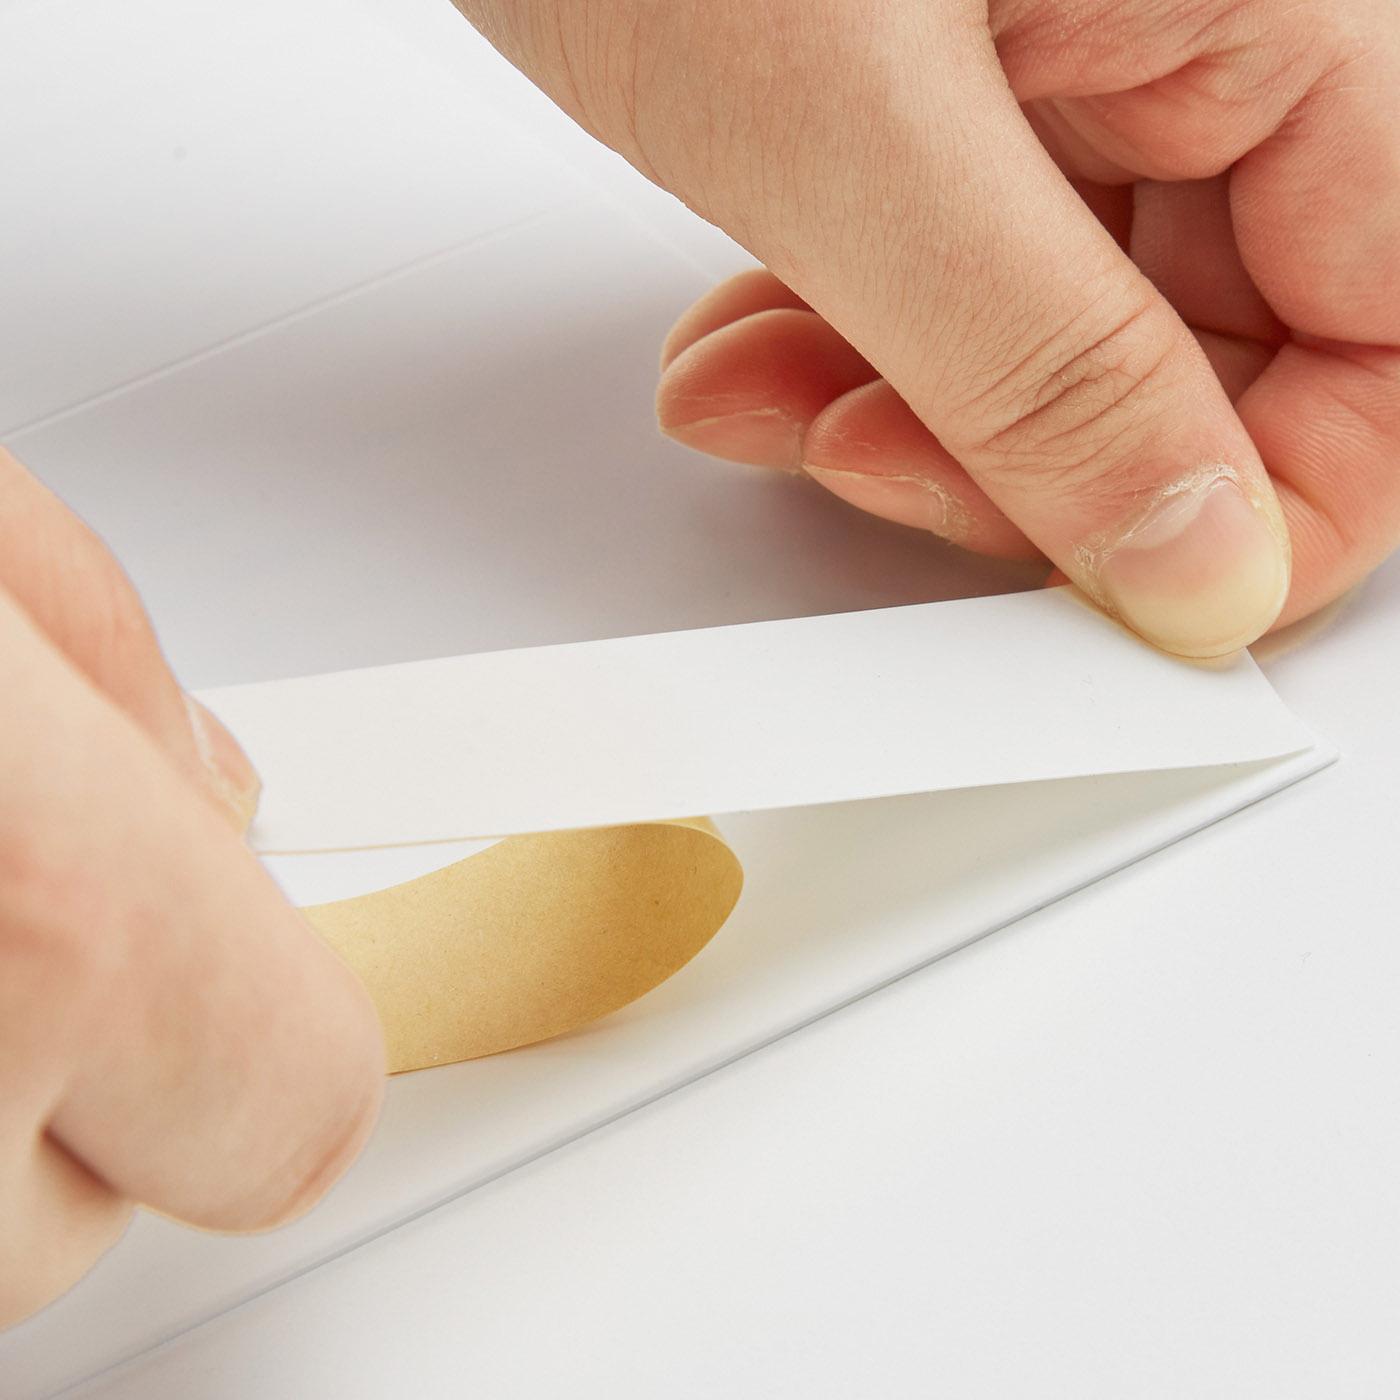 壁側は吸着テープで固定するので、はがしやすい。